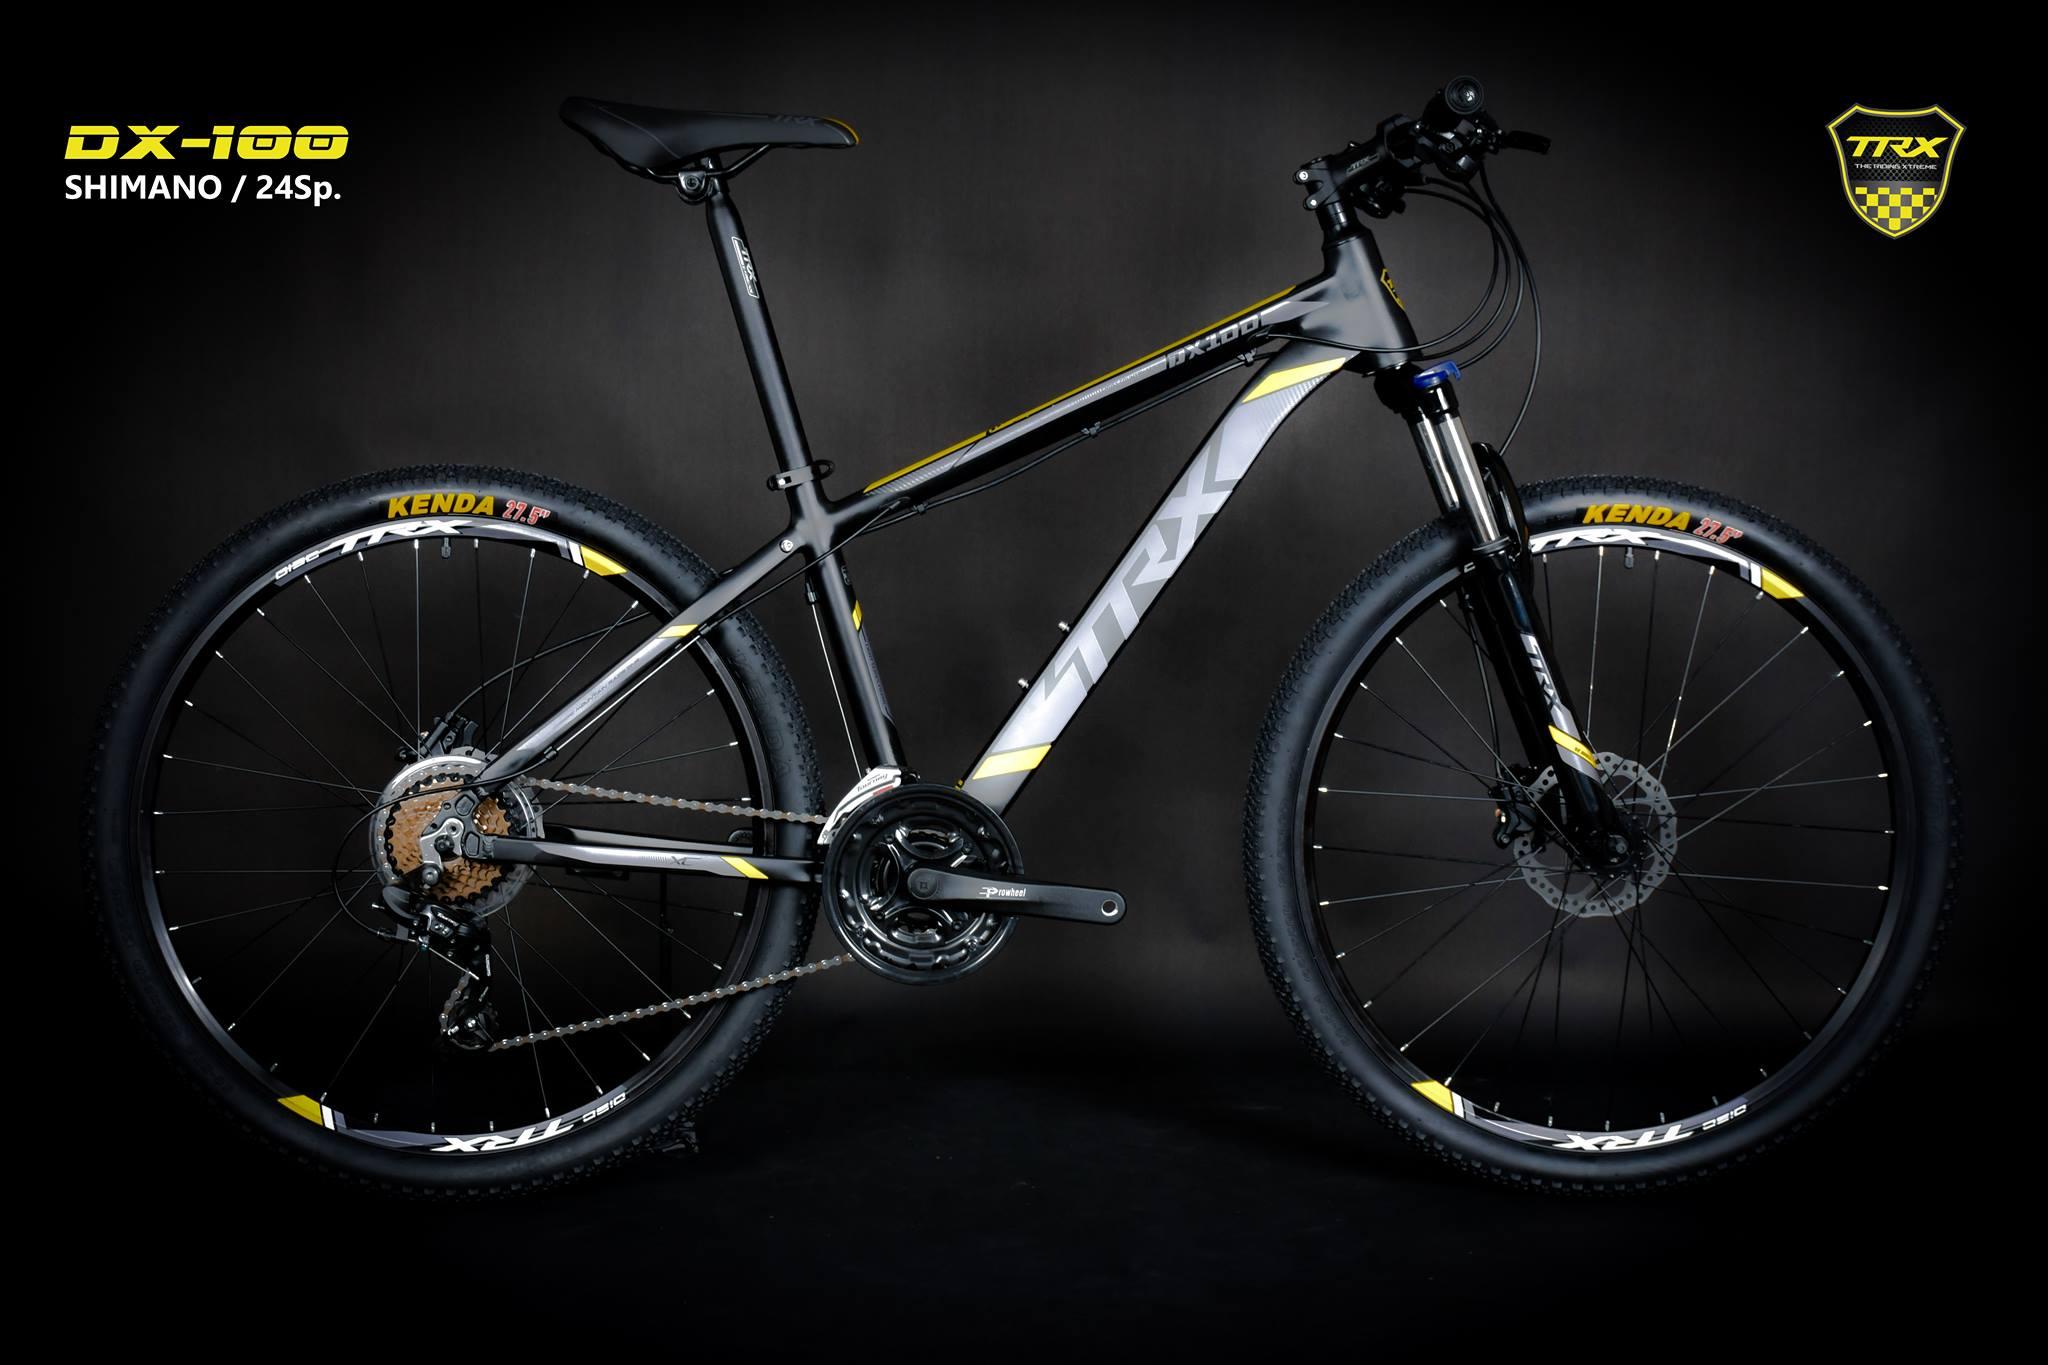 จักรยานเสือภูเขา TRX รุ่น DX100 เฟรมอลู โช๊คล็อค ดิสก์เบรคน้ำมัน ชุดเกียร์ Shimano Tourney 24 Speed